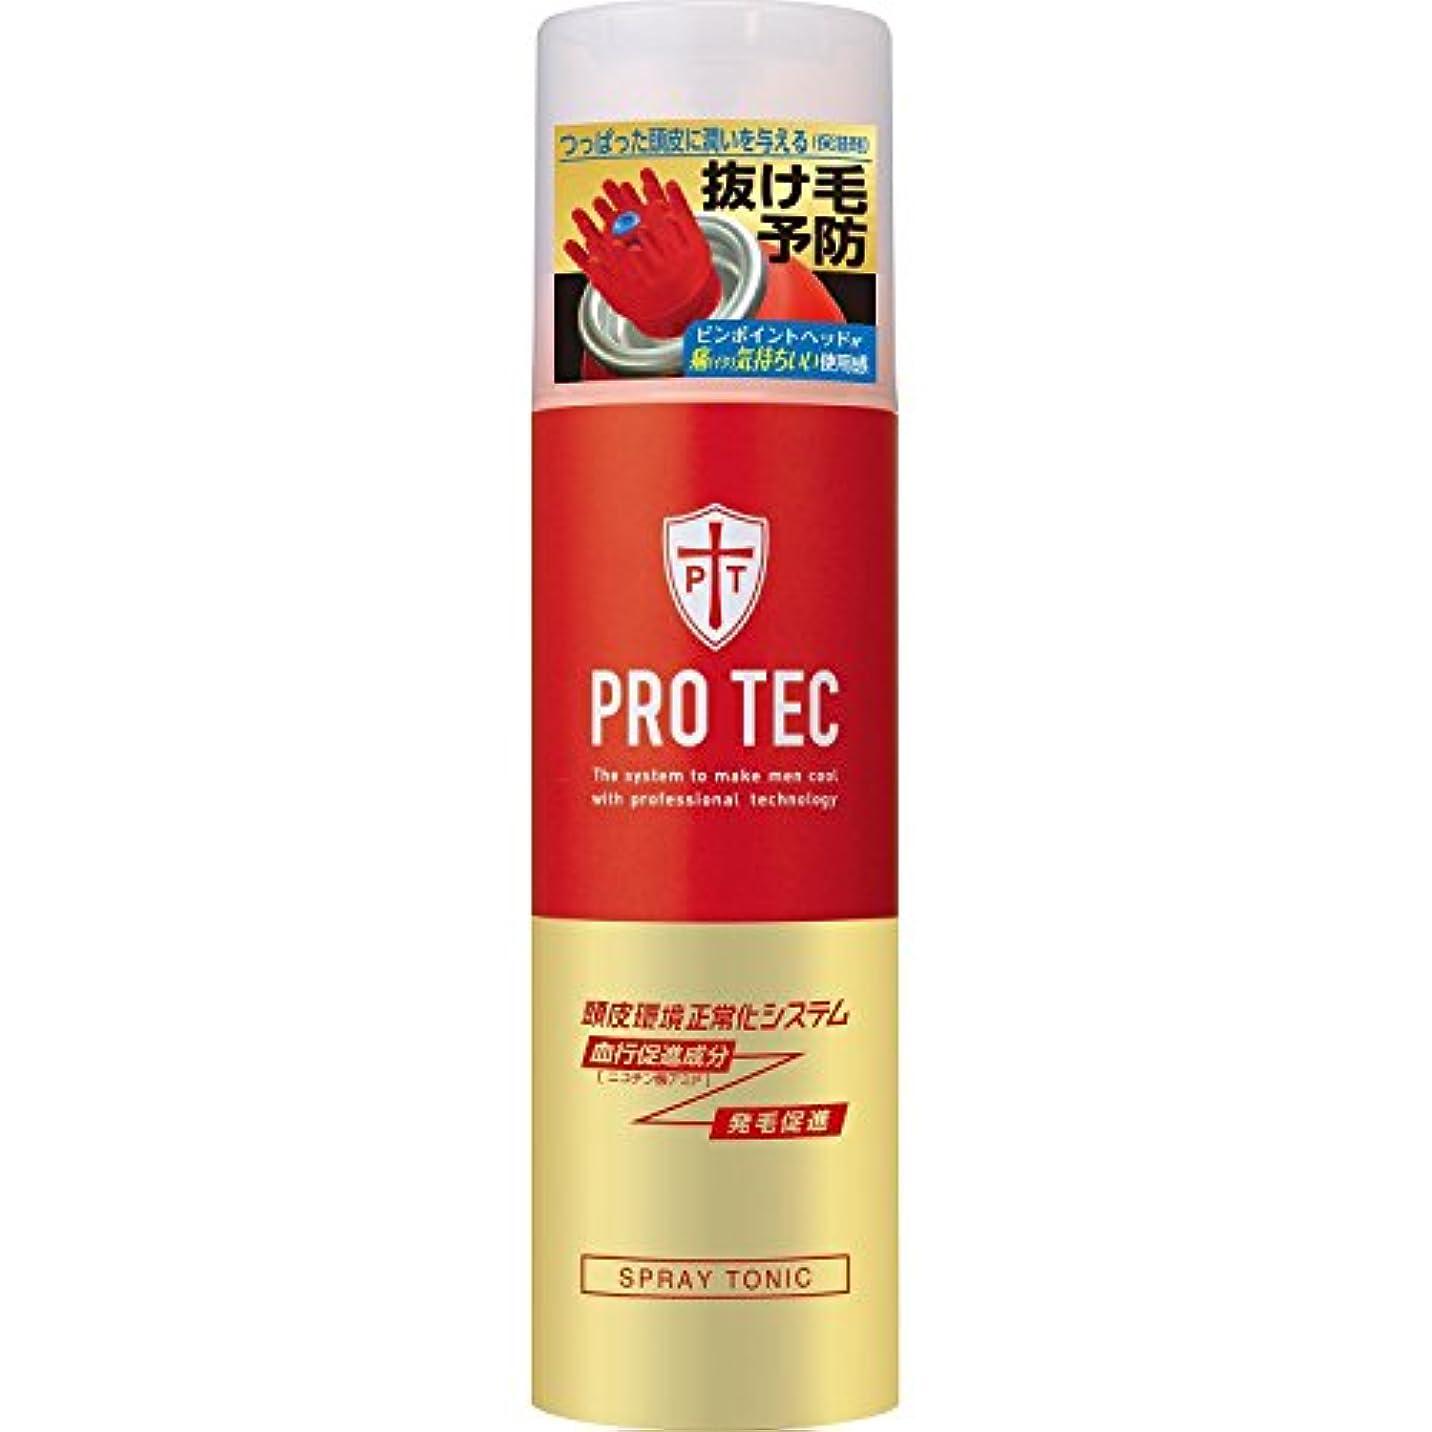 検出するパッケージ廃棄するPRO TEC(プロテク) スプレートニック 150g (医薬部外品) ×10個セット